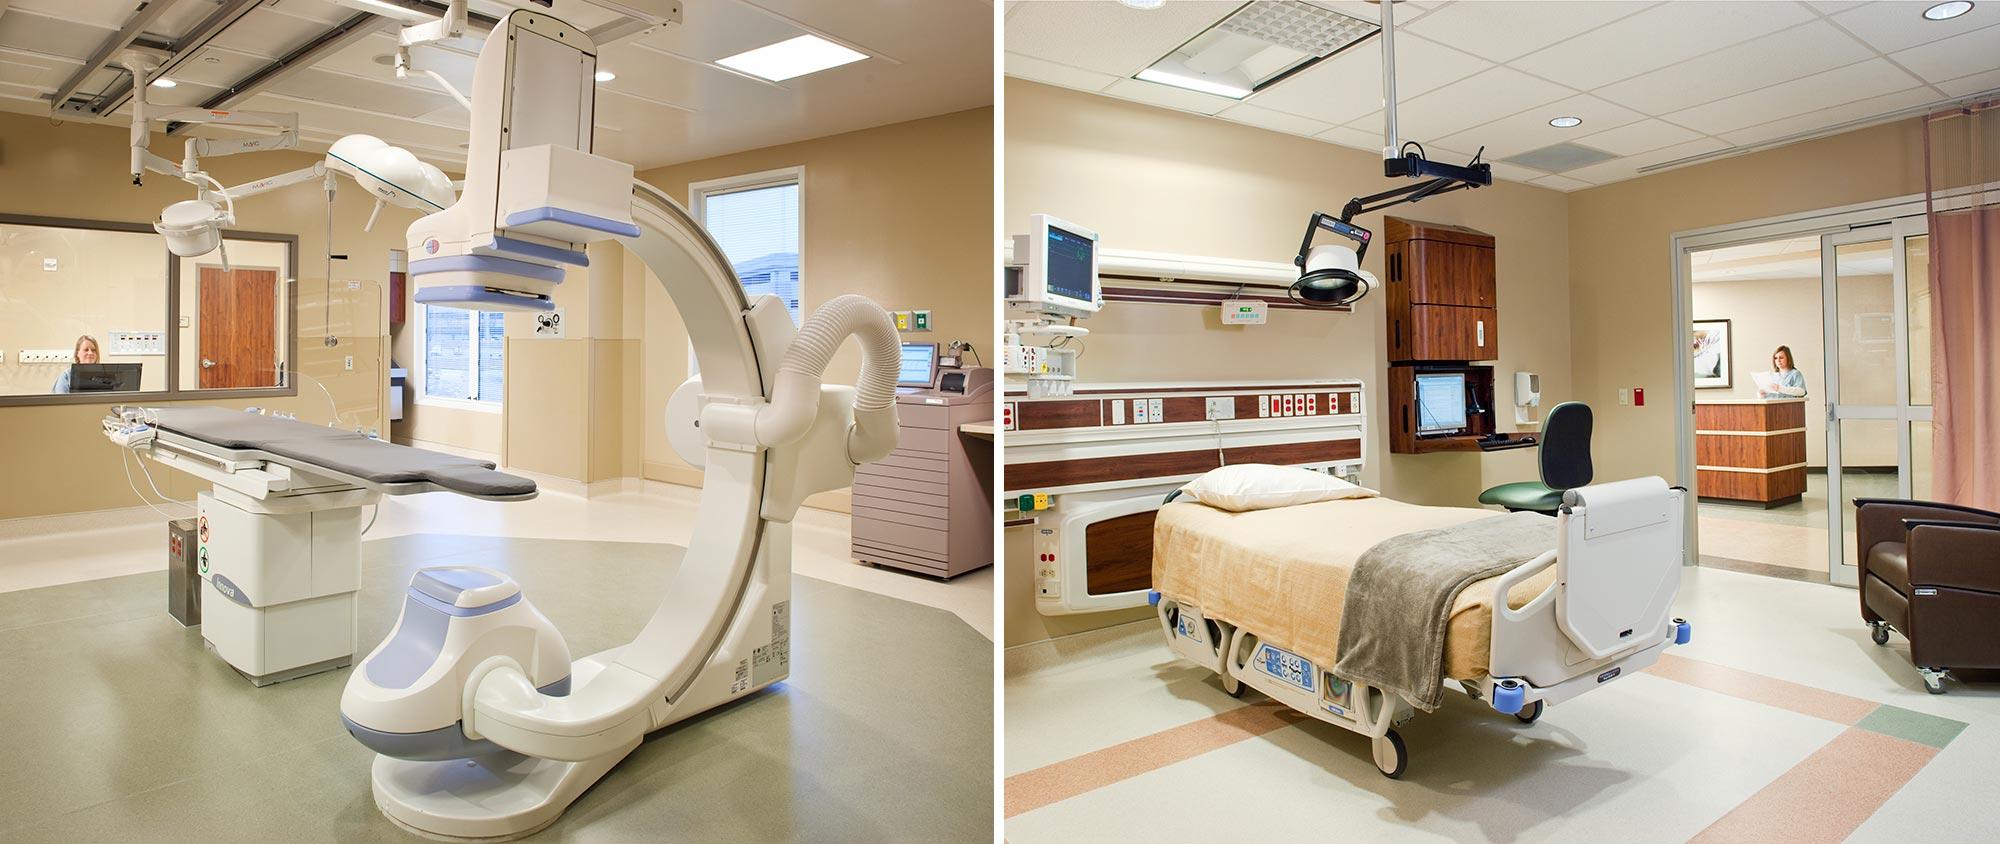 Centennial Heart and Vascular Center